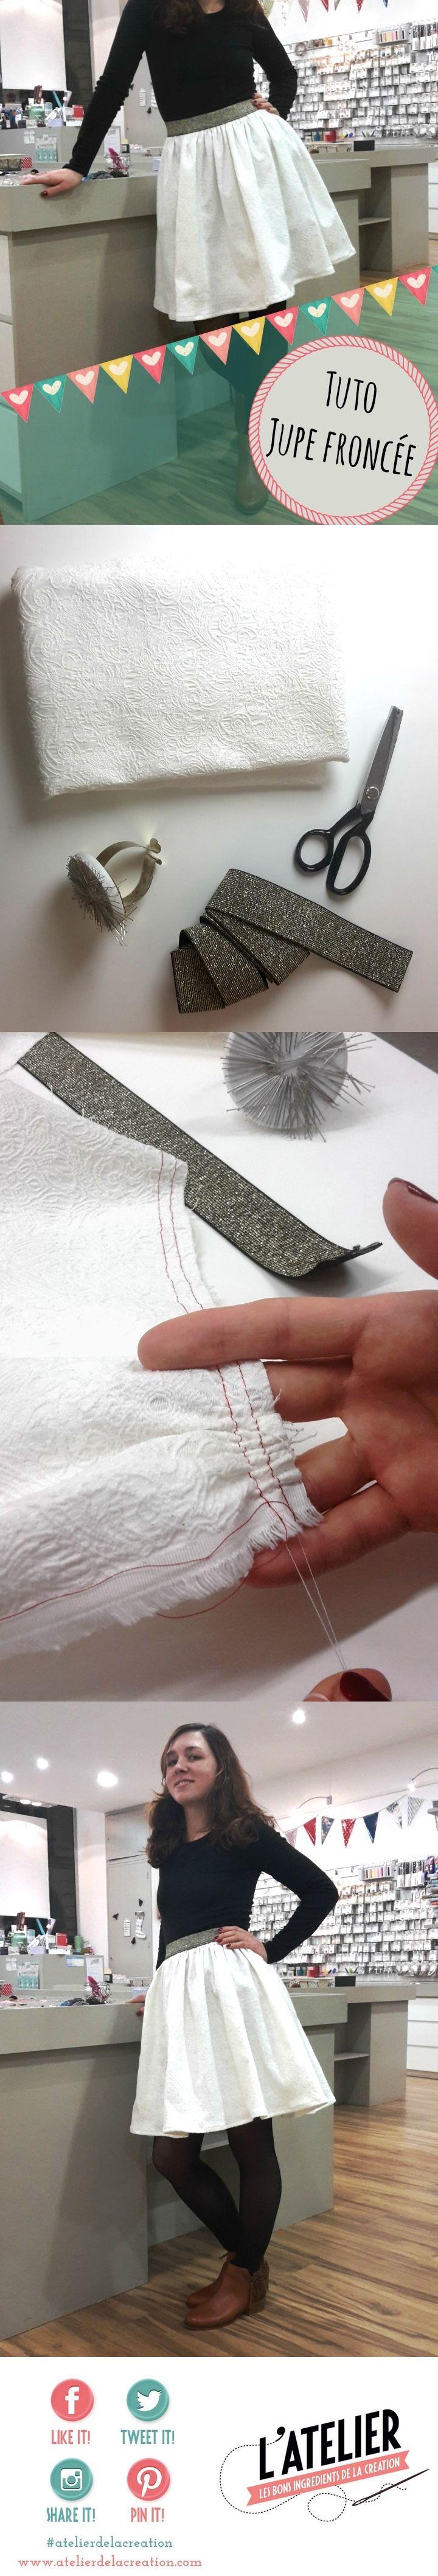 jupe fronc e lastique tuto par l 39 atelier de la cr ation et pik et kou couture pinterest. Black Bedroom Furniture Sets. Home Design Ideas